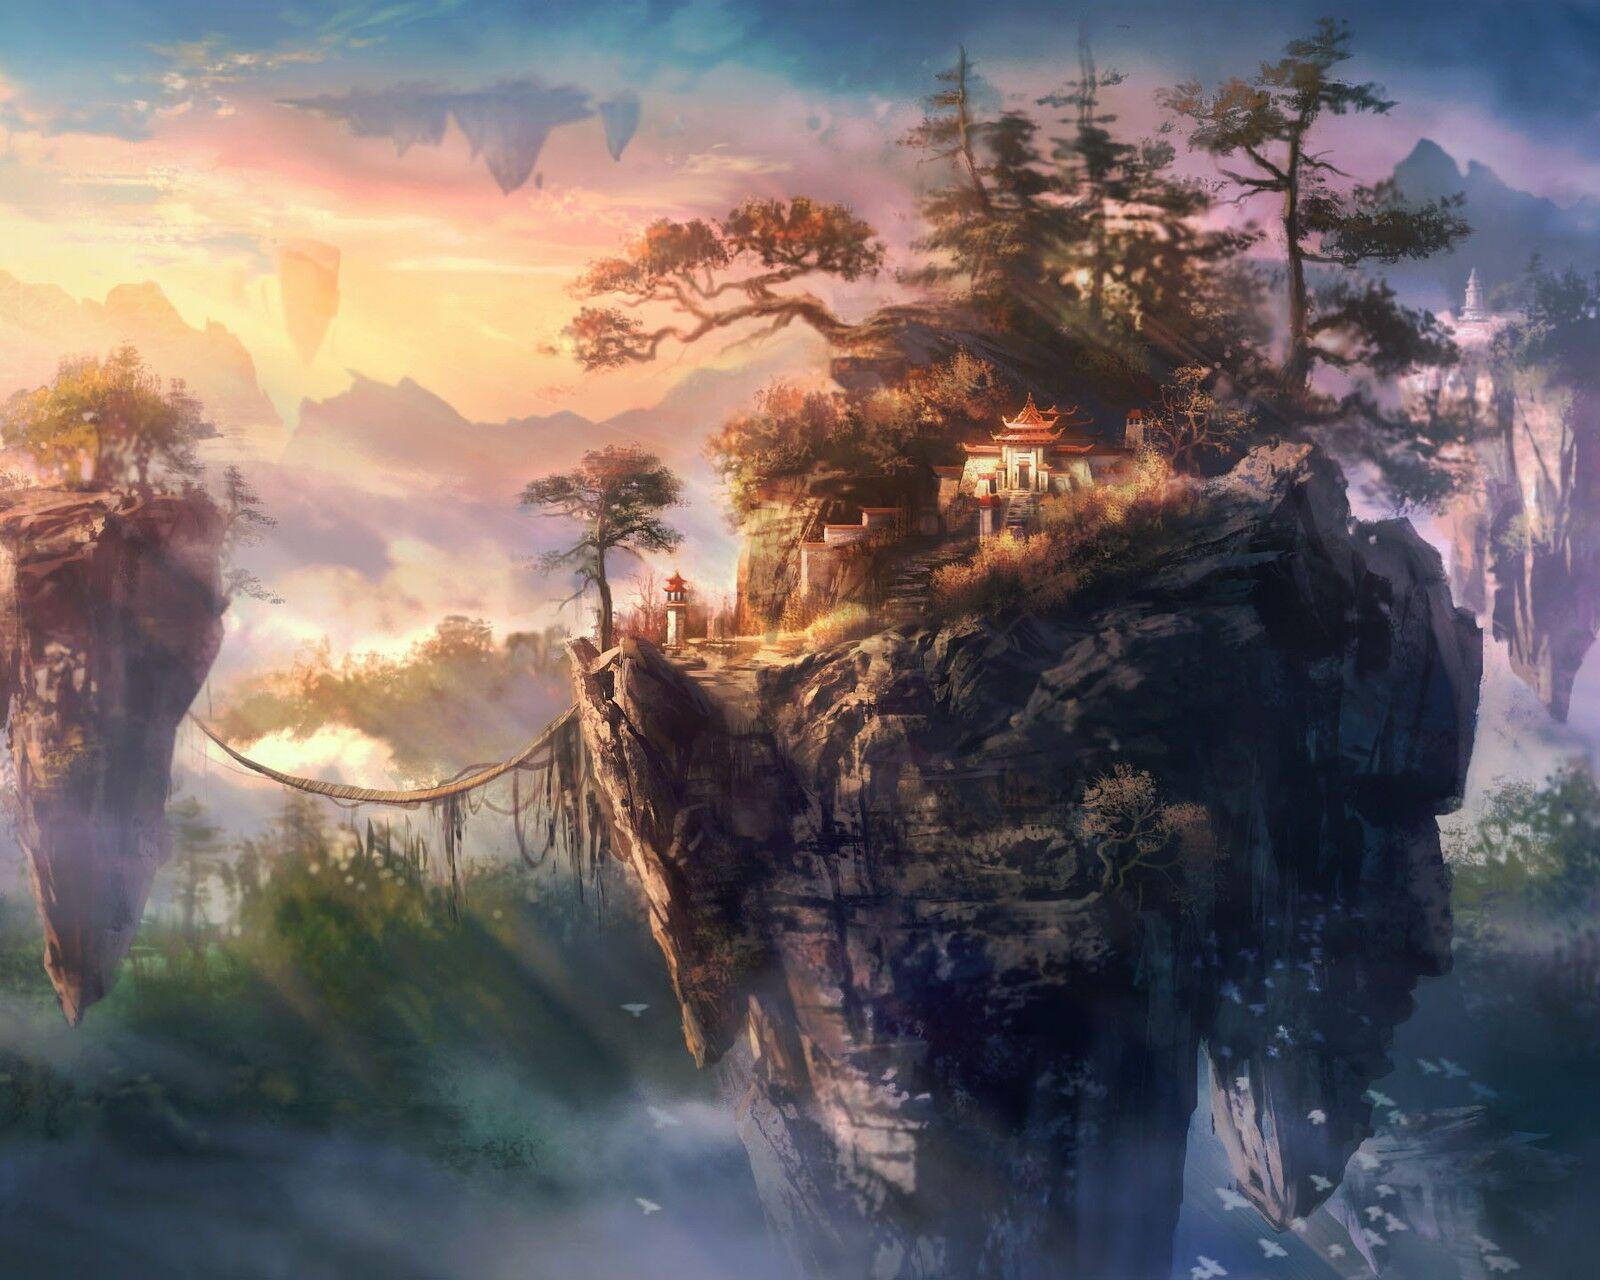 精美画质二次元风景图 滚动手机壁纸(10)